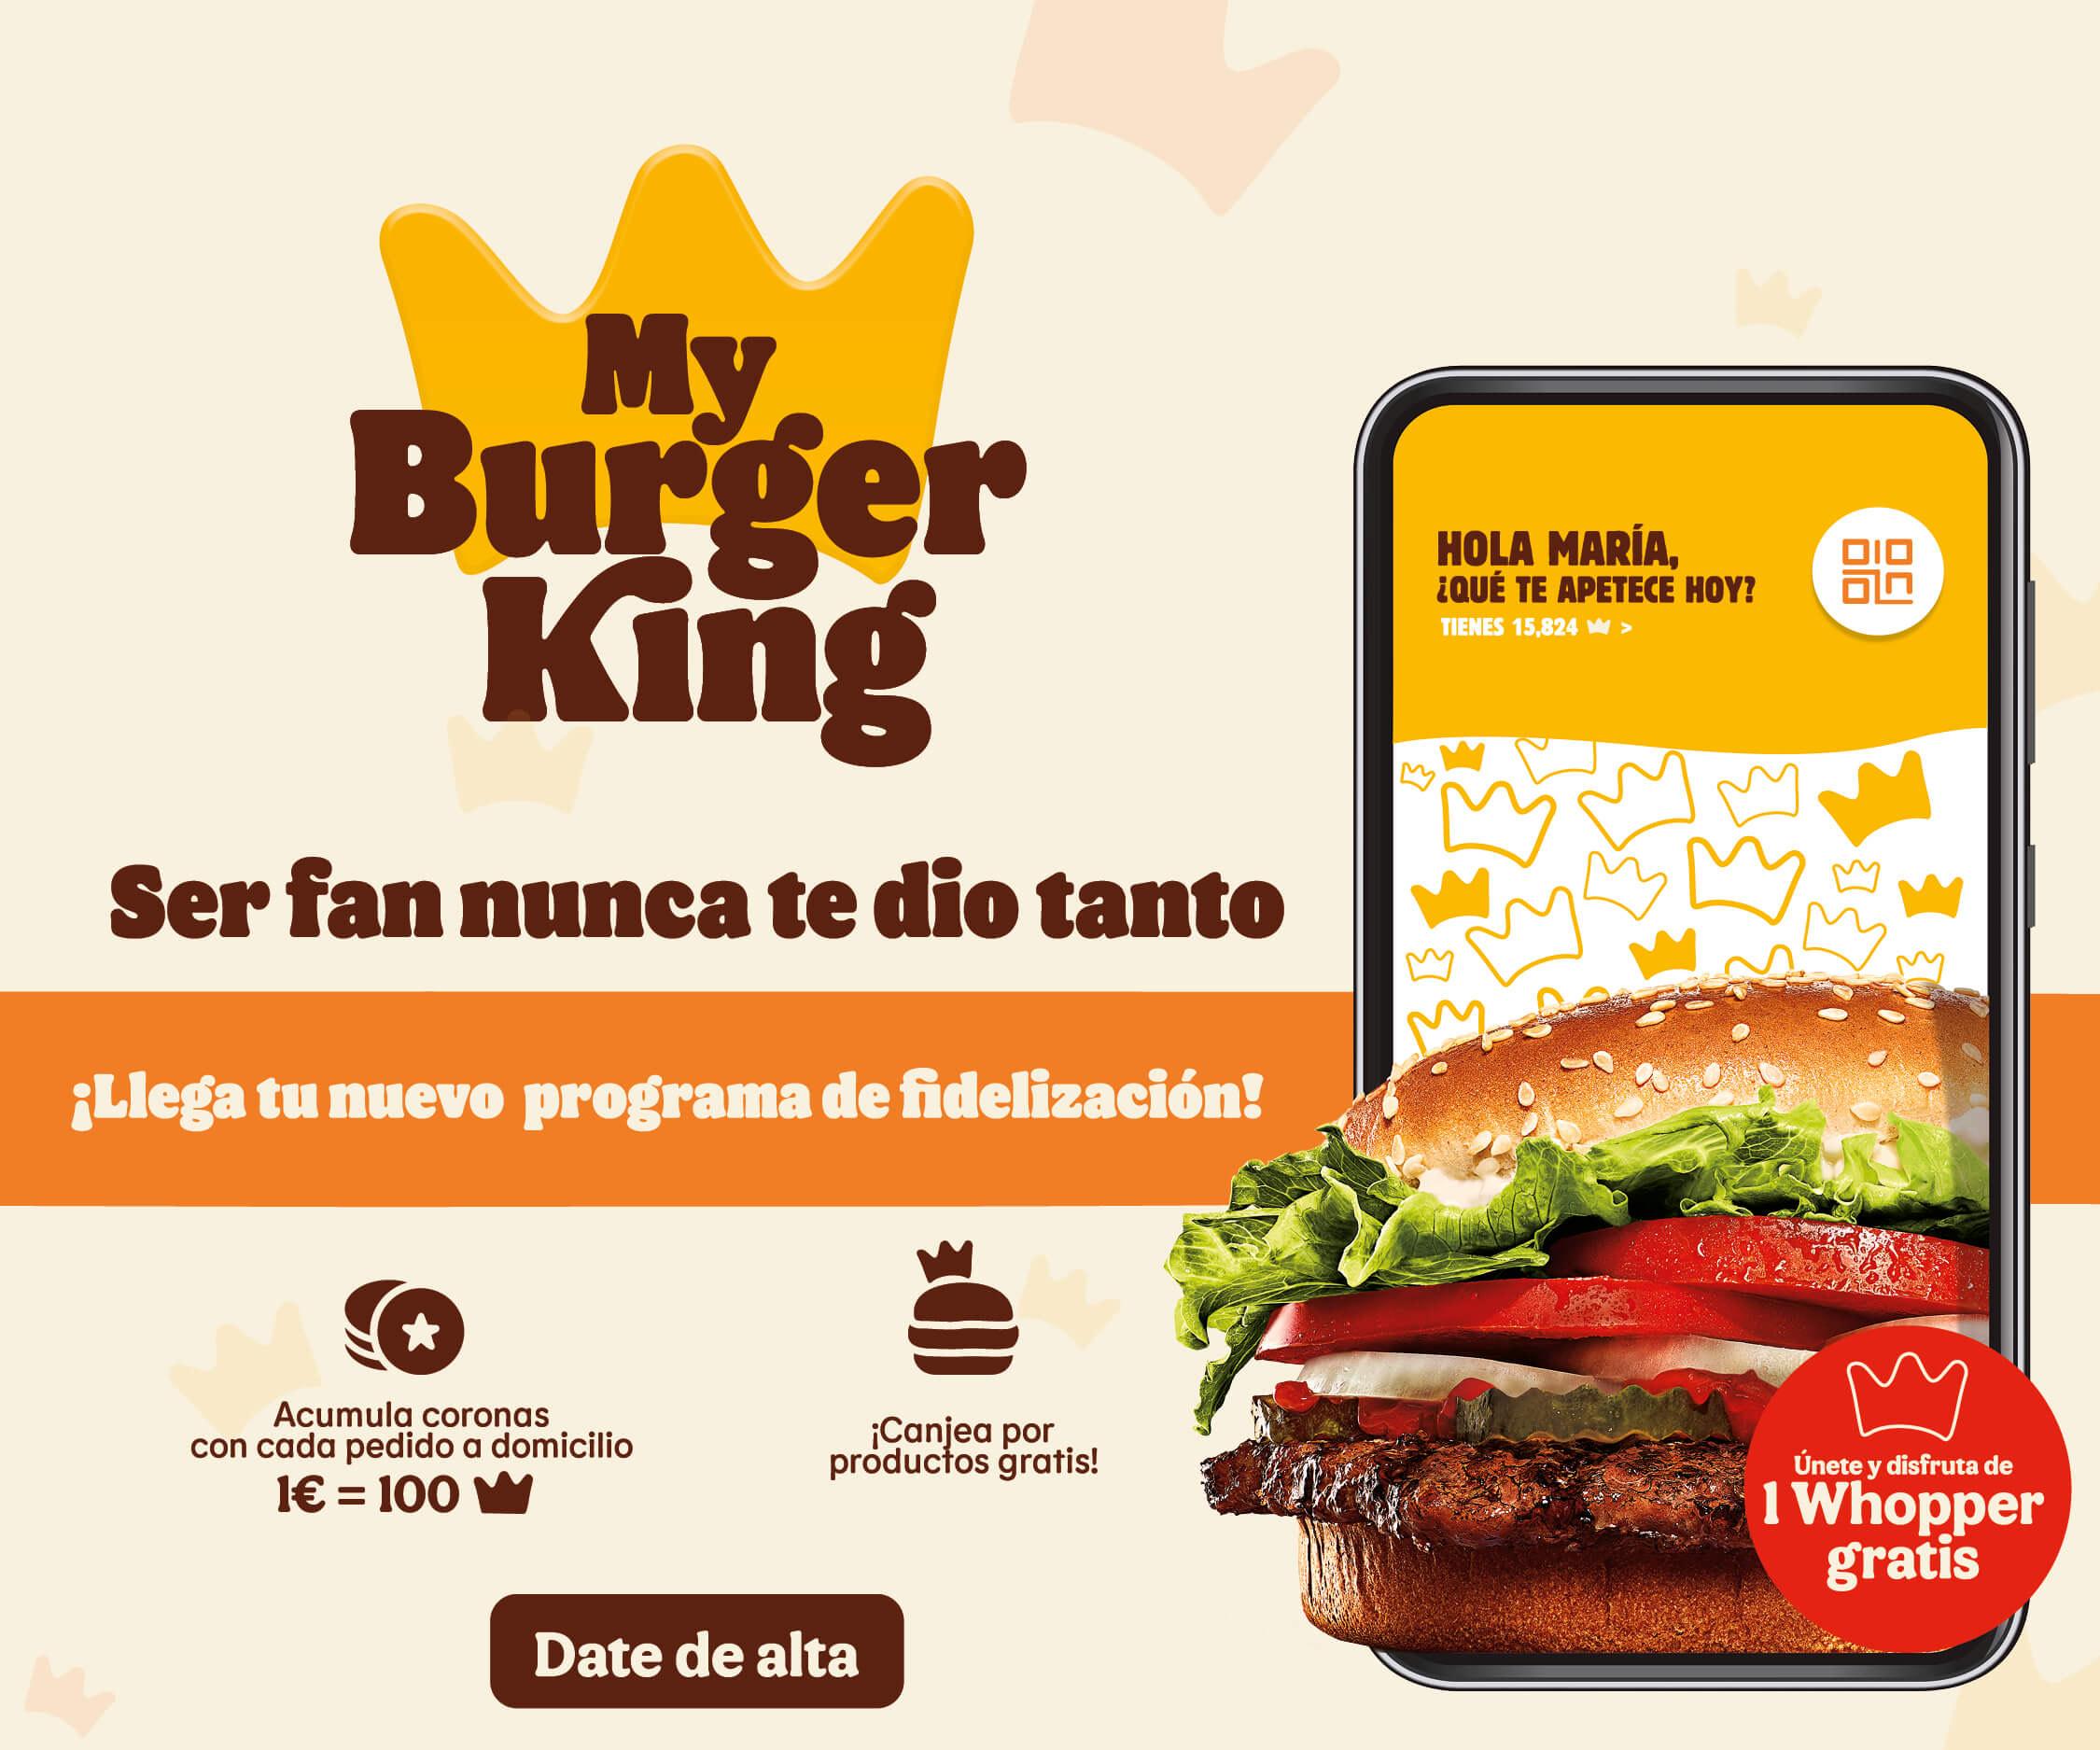 Whopper gratis con tu primer pedido en burger king